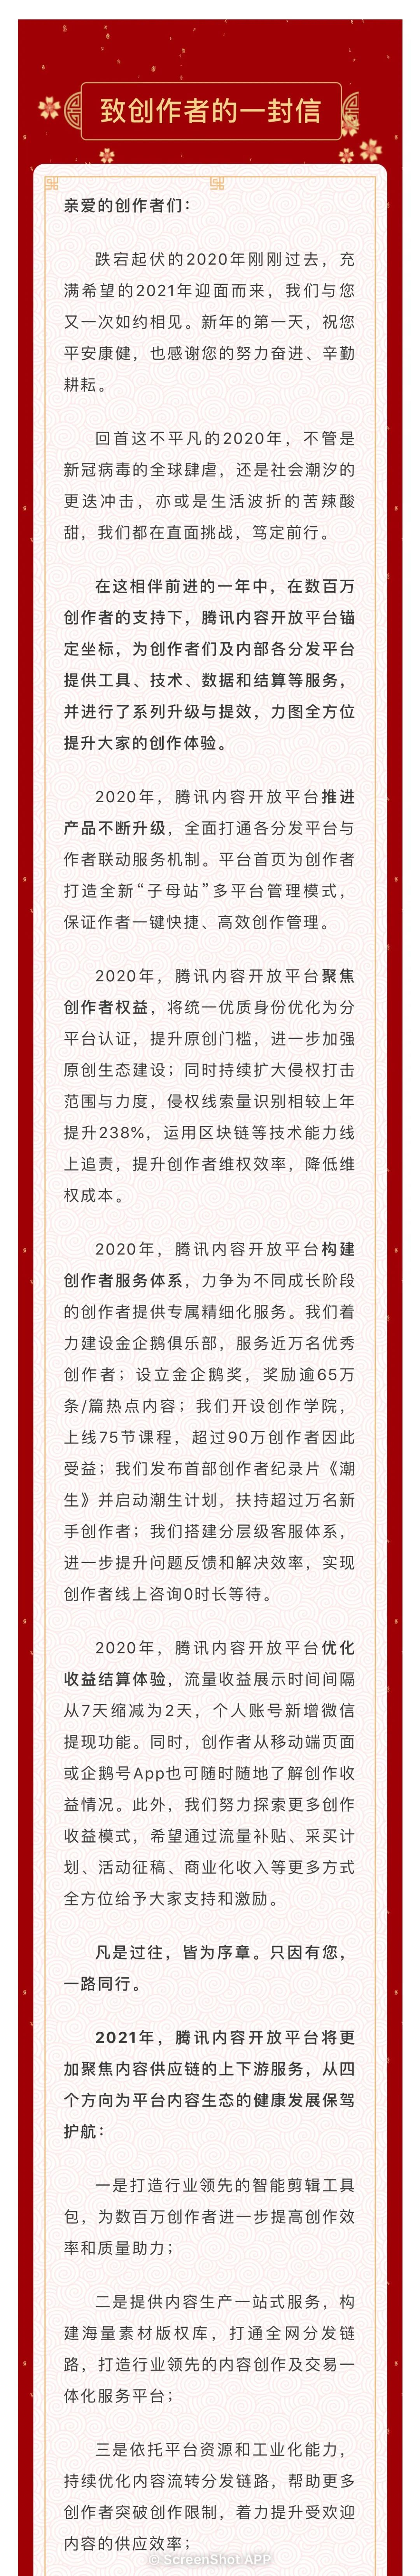 腾讯内容开放平台新年第一封信,讲了哪些重点?